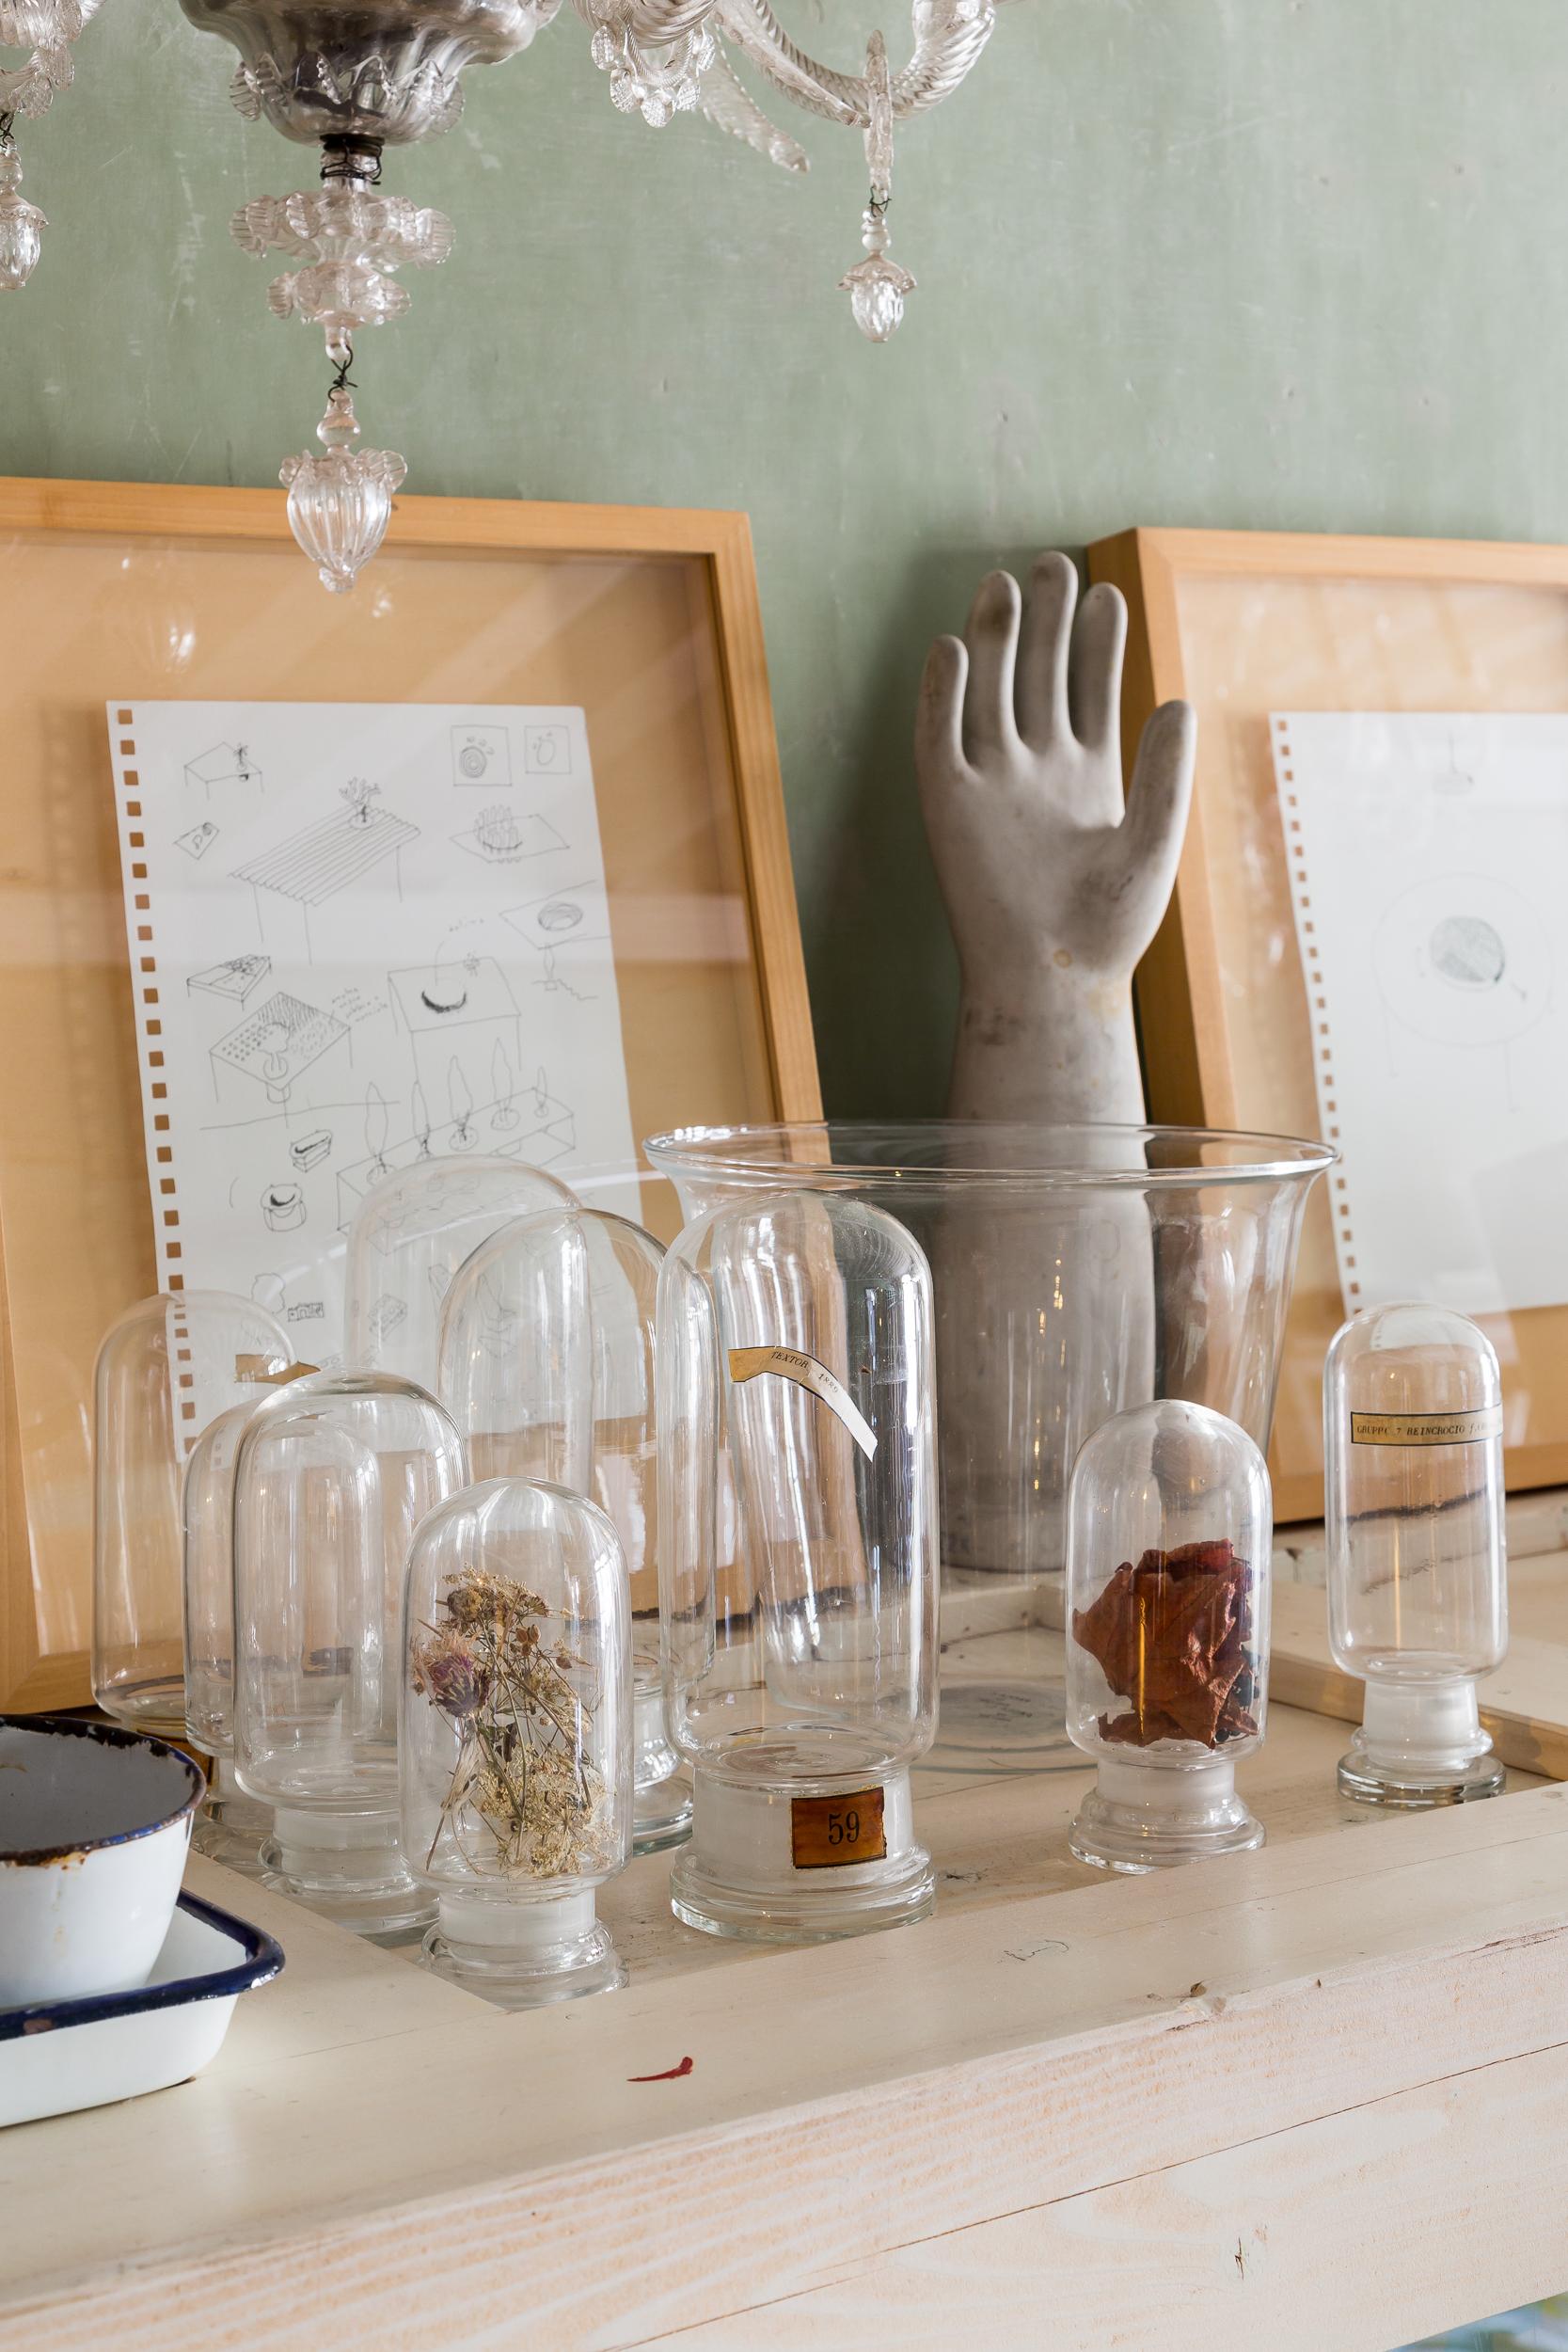 Un antico stampo utilizzato per la realizzazione di guanti diventa un elemento dal grande fascino retrò, esaltato dall'abbinamento con le classiche ampolle da farmacia in vetro.